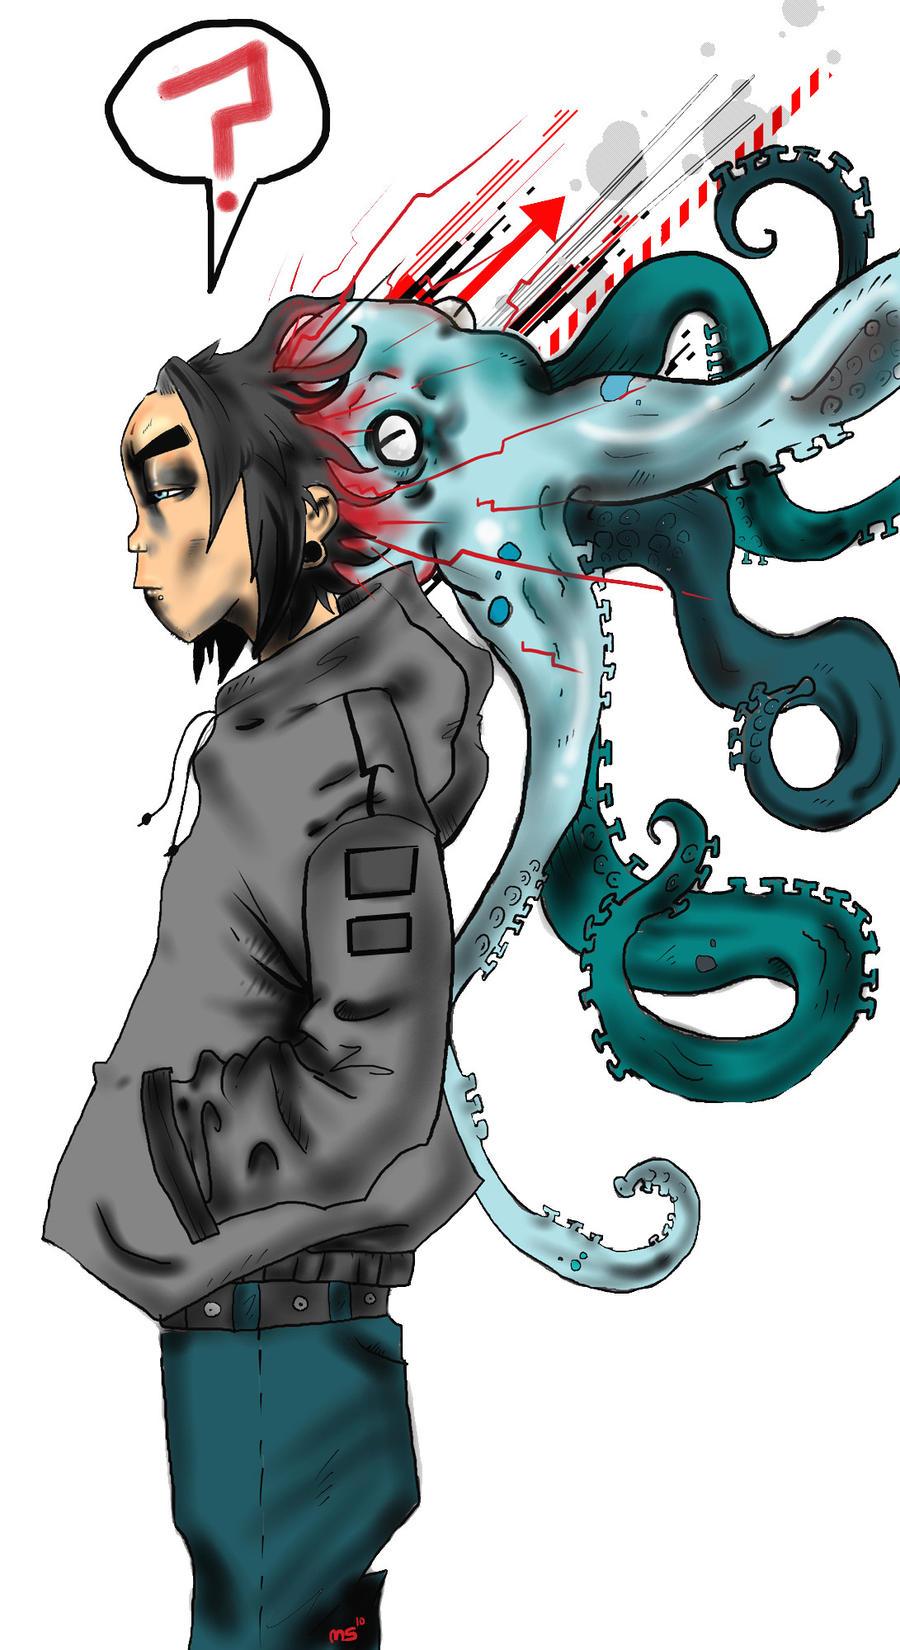 FuneraLOfHeartS0's Profile Picture